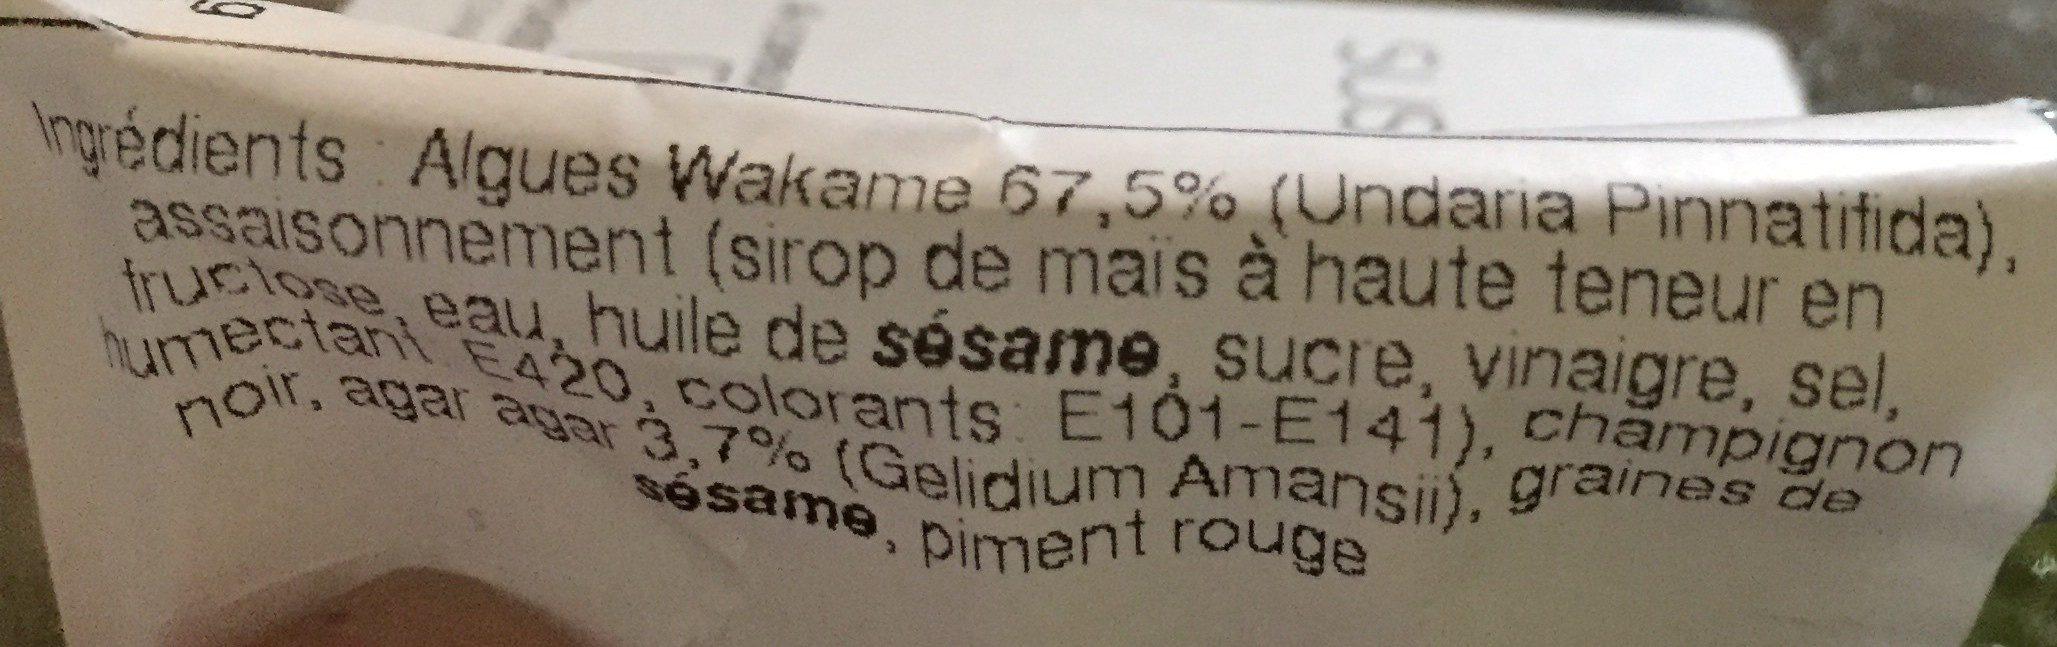 Salade d'algue - Ingrédients - fr